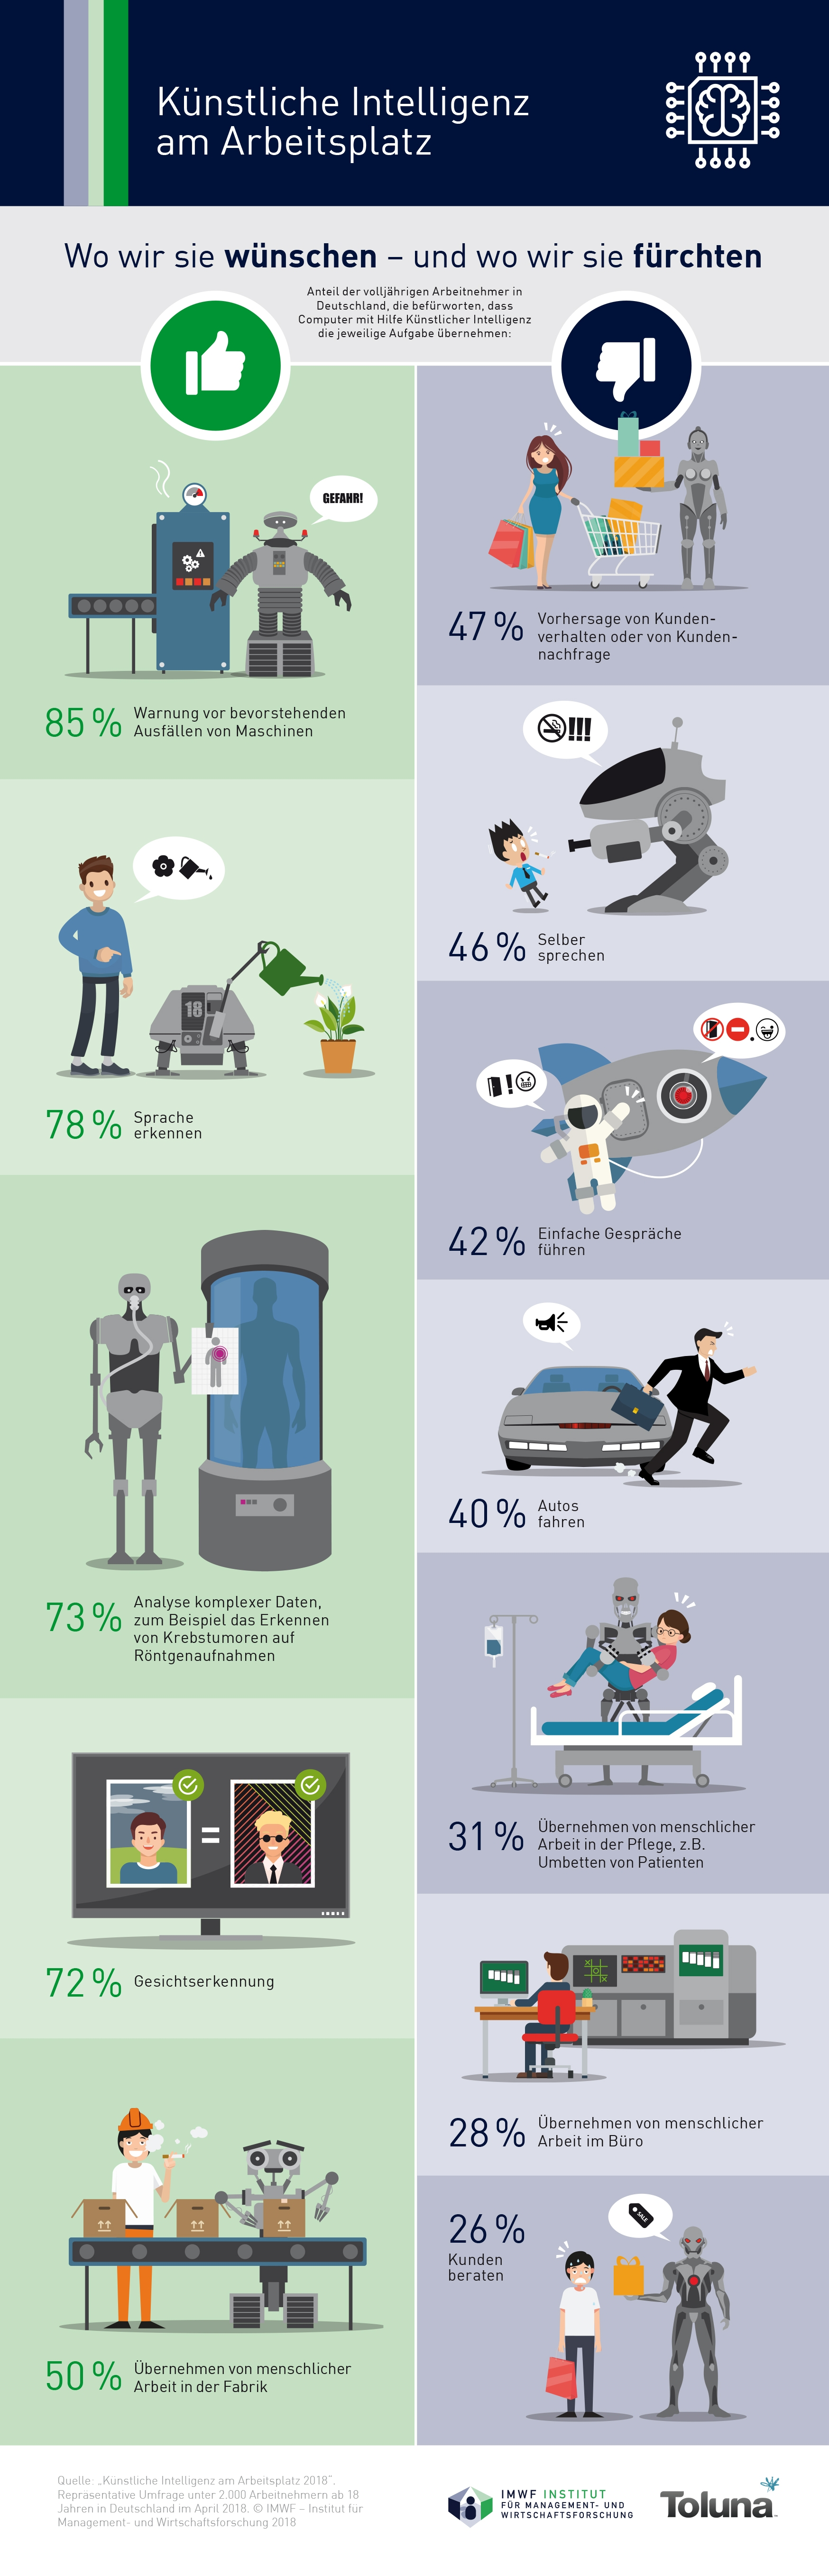 """Infografik zur Studie """"Künstliche Intelligenz am Arbeitsplatz 2018"""" des IMWF Institut für Management- und Wirtschaftsforschung"""